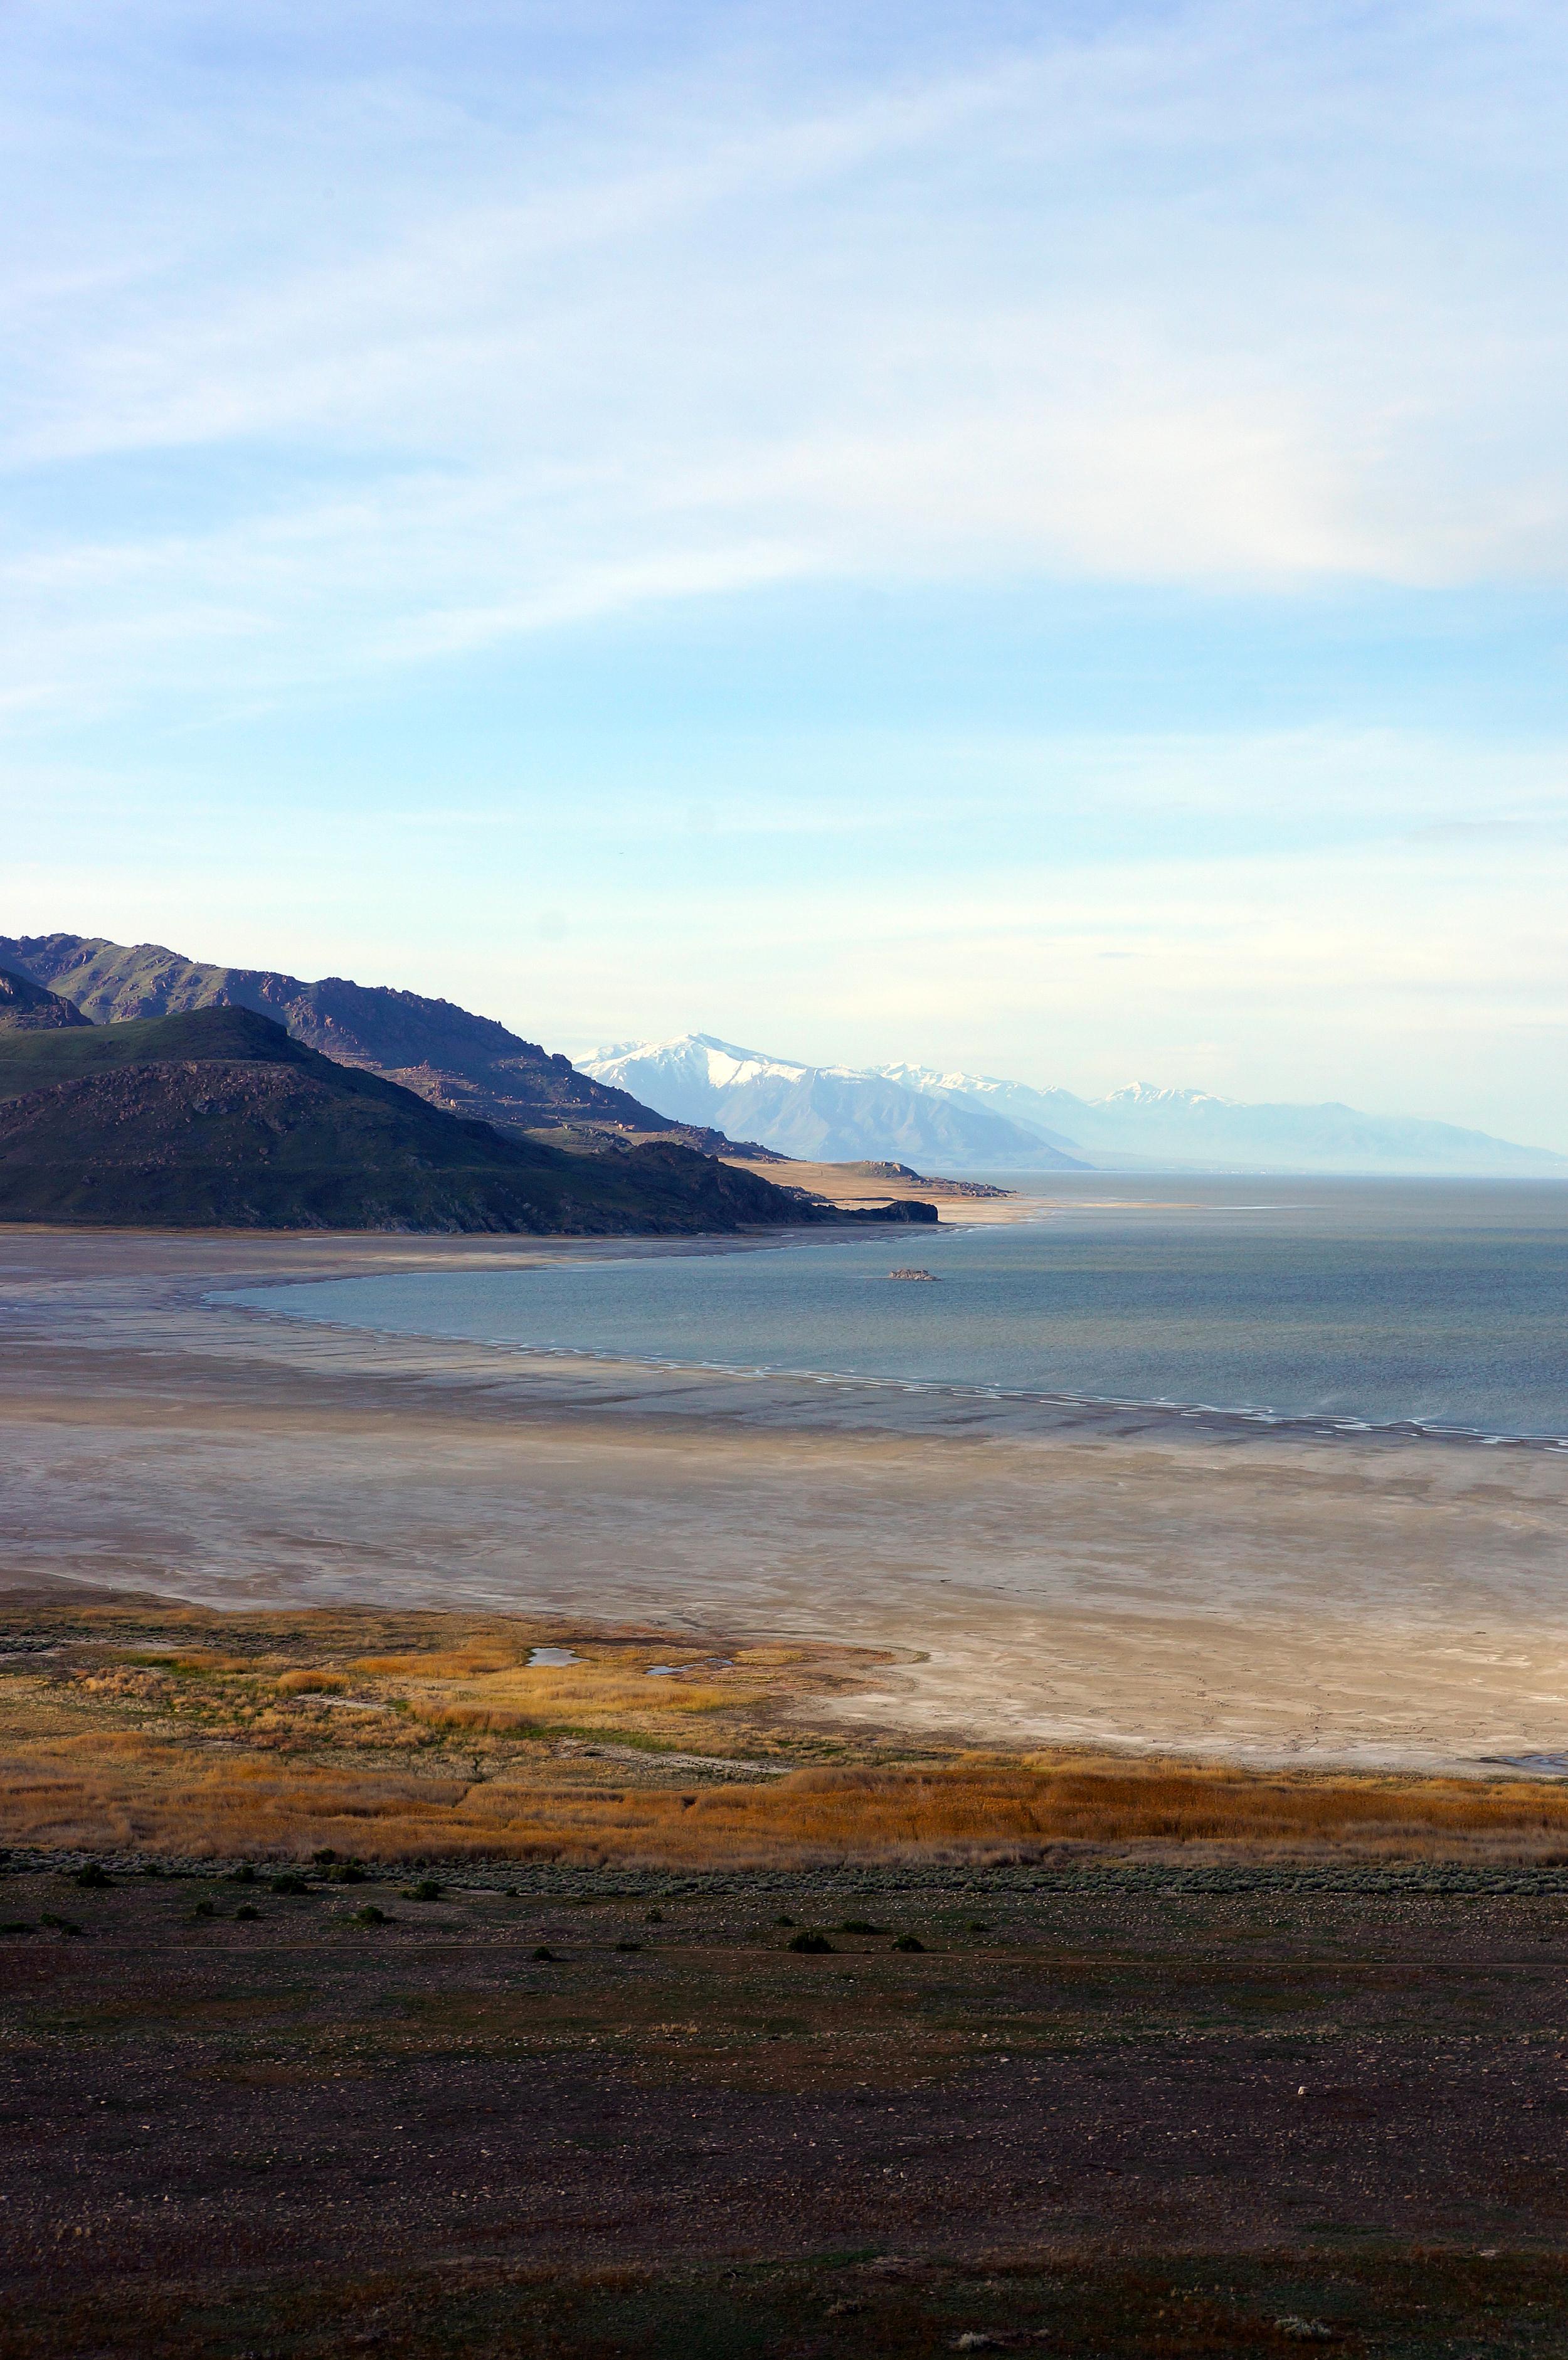 IOA_Antelope_White_Rock_Bay.jpg